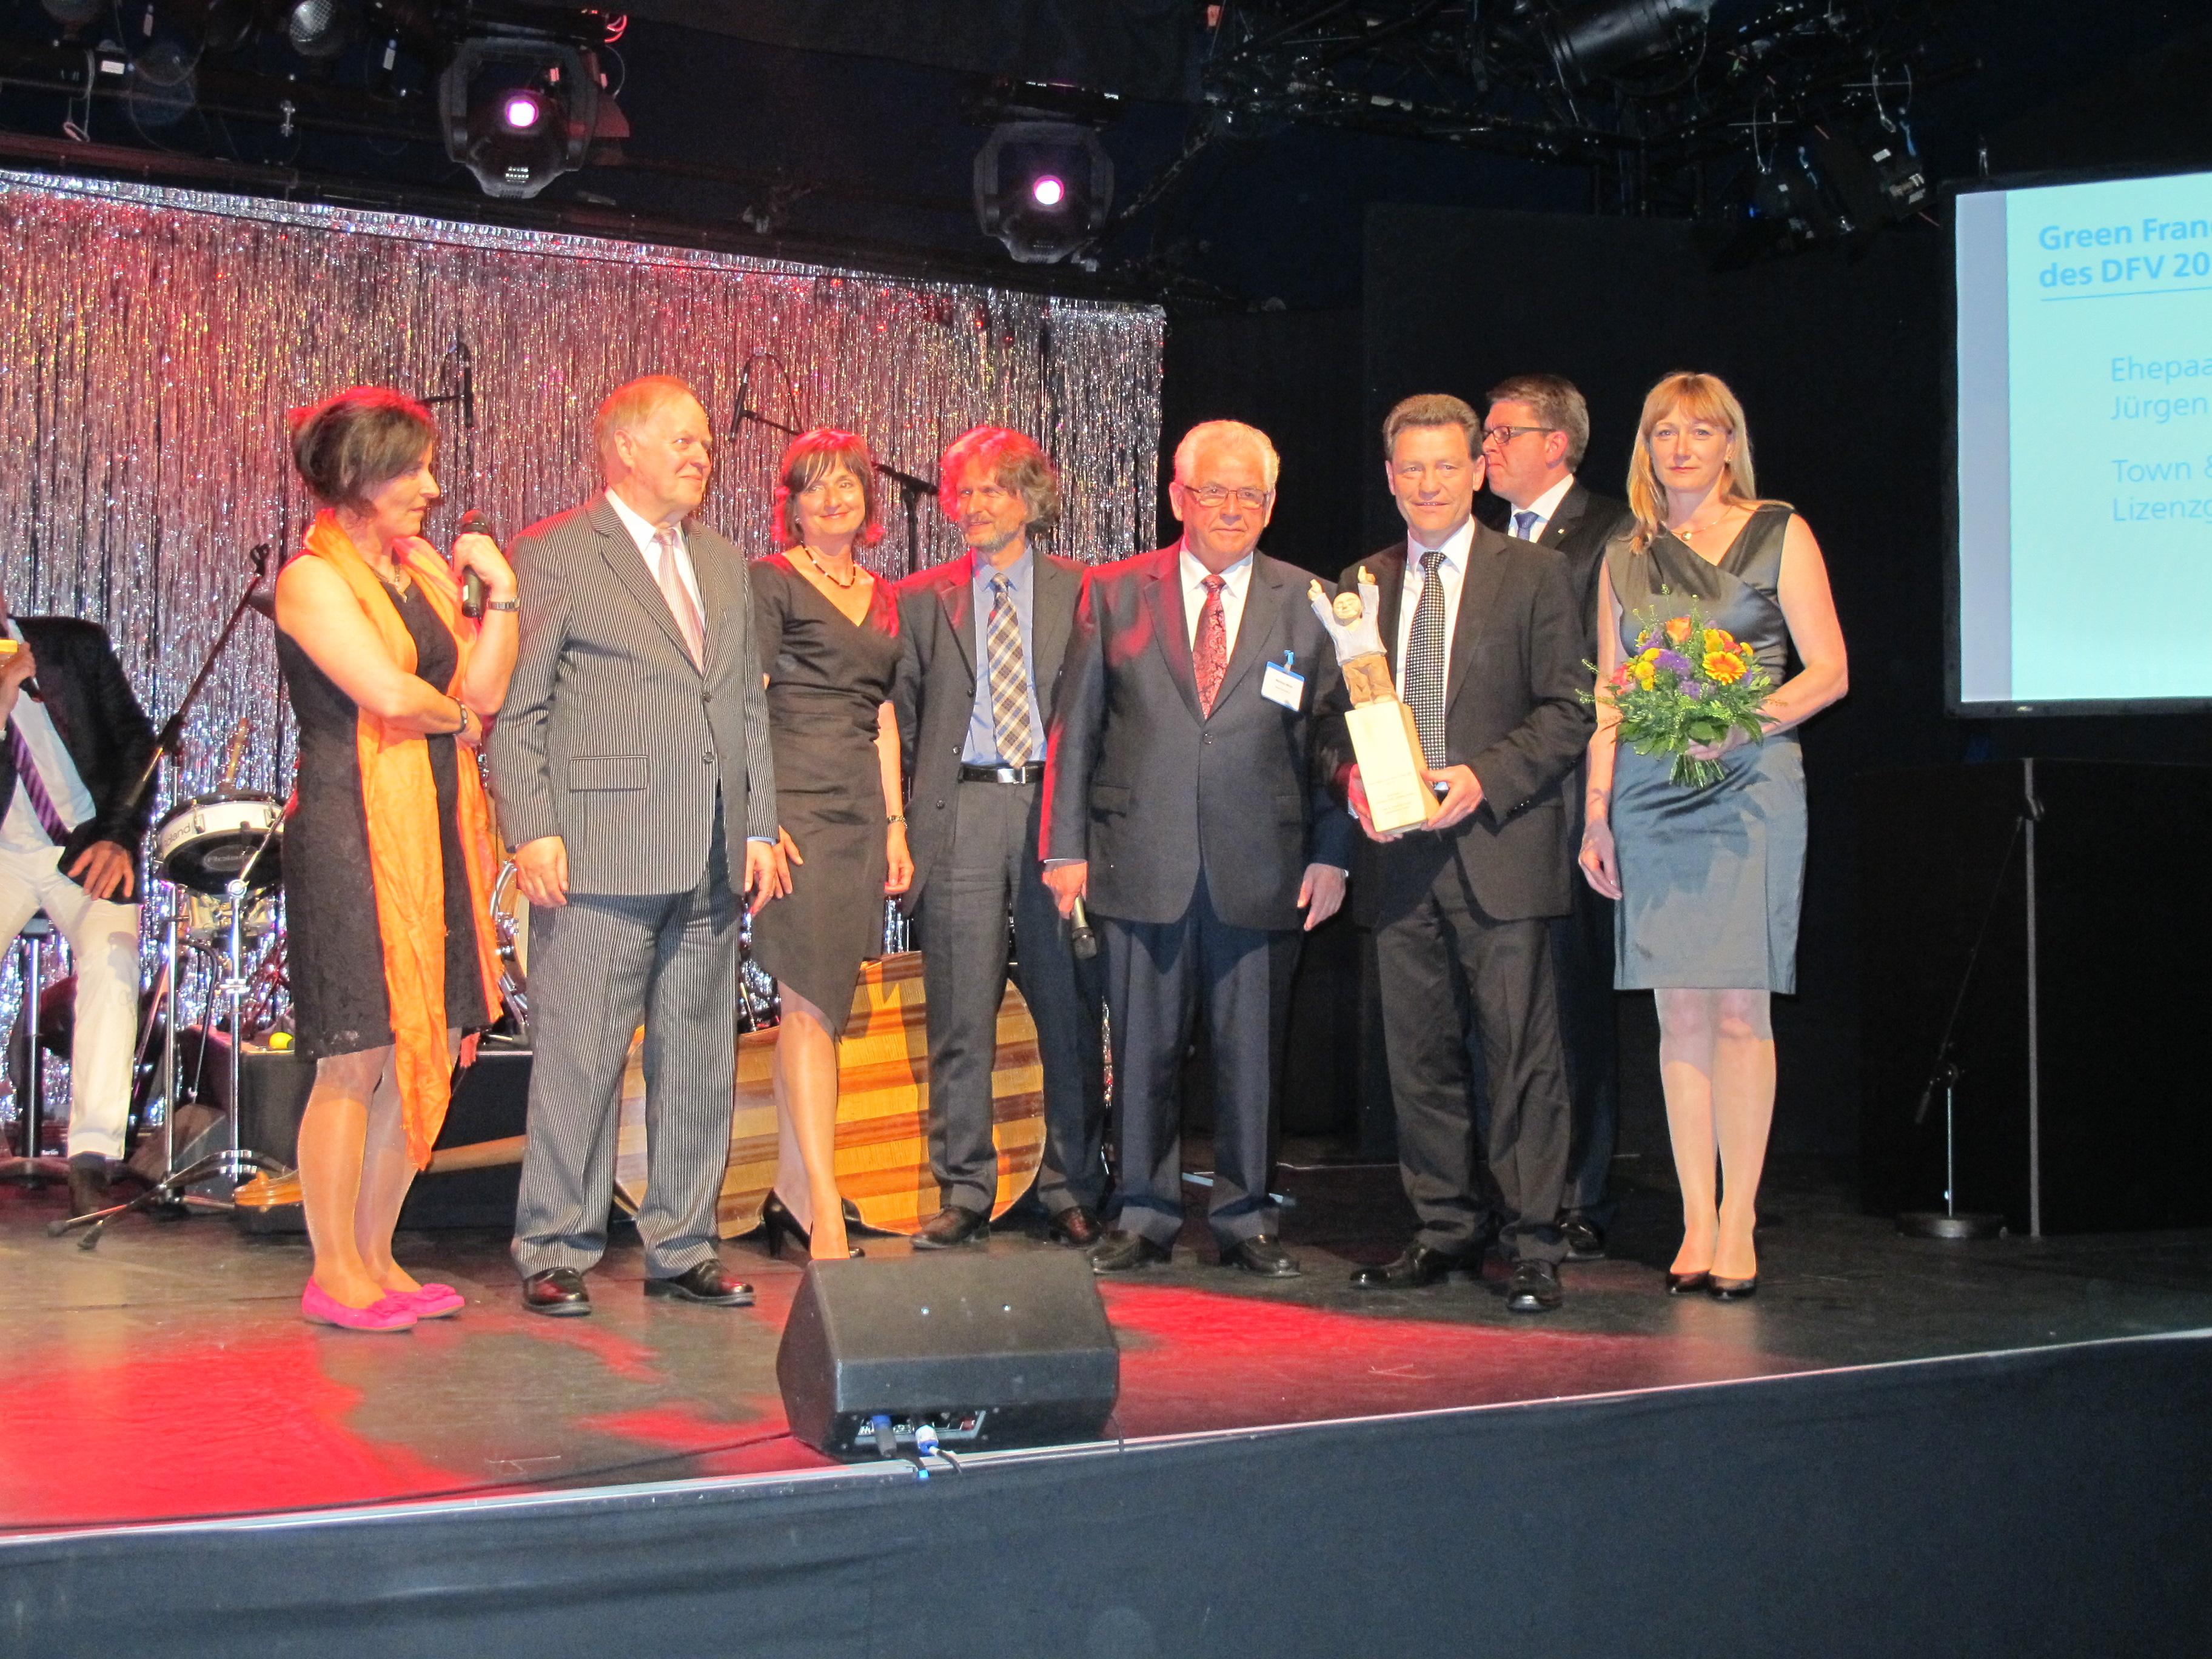 Gründer von Town & Country-Haus mit 1. DFV Green Franchise Award ausgezeichnet